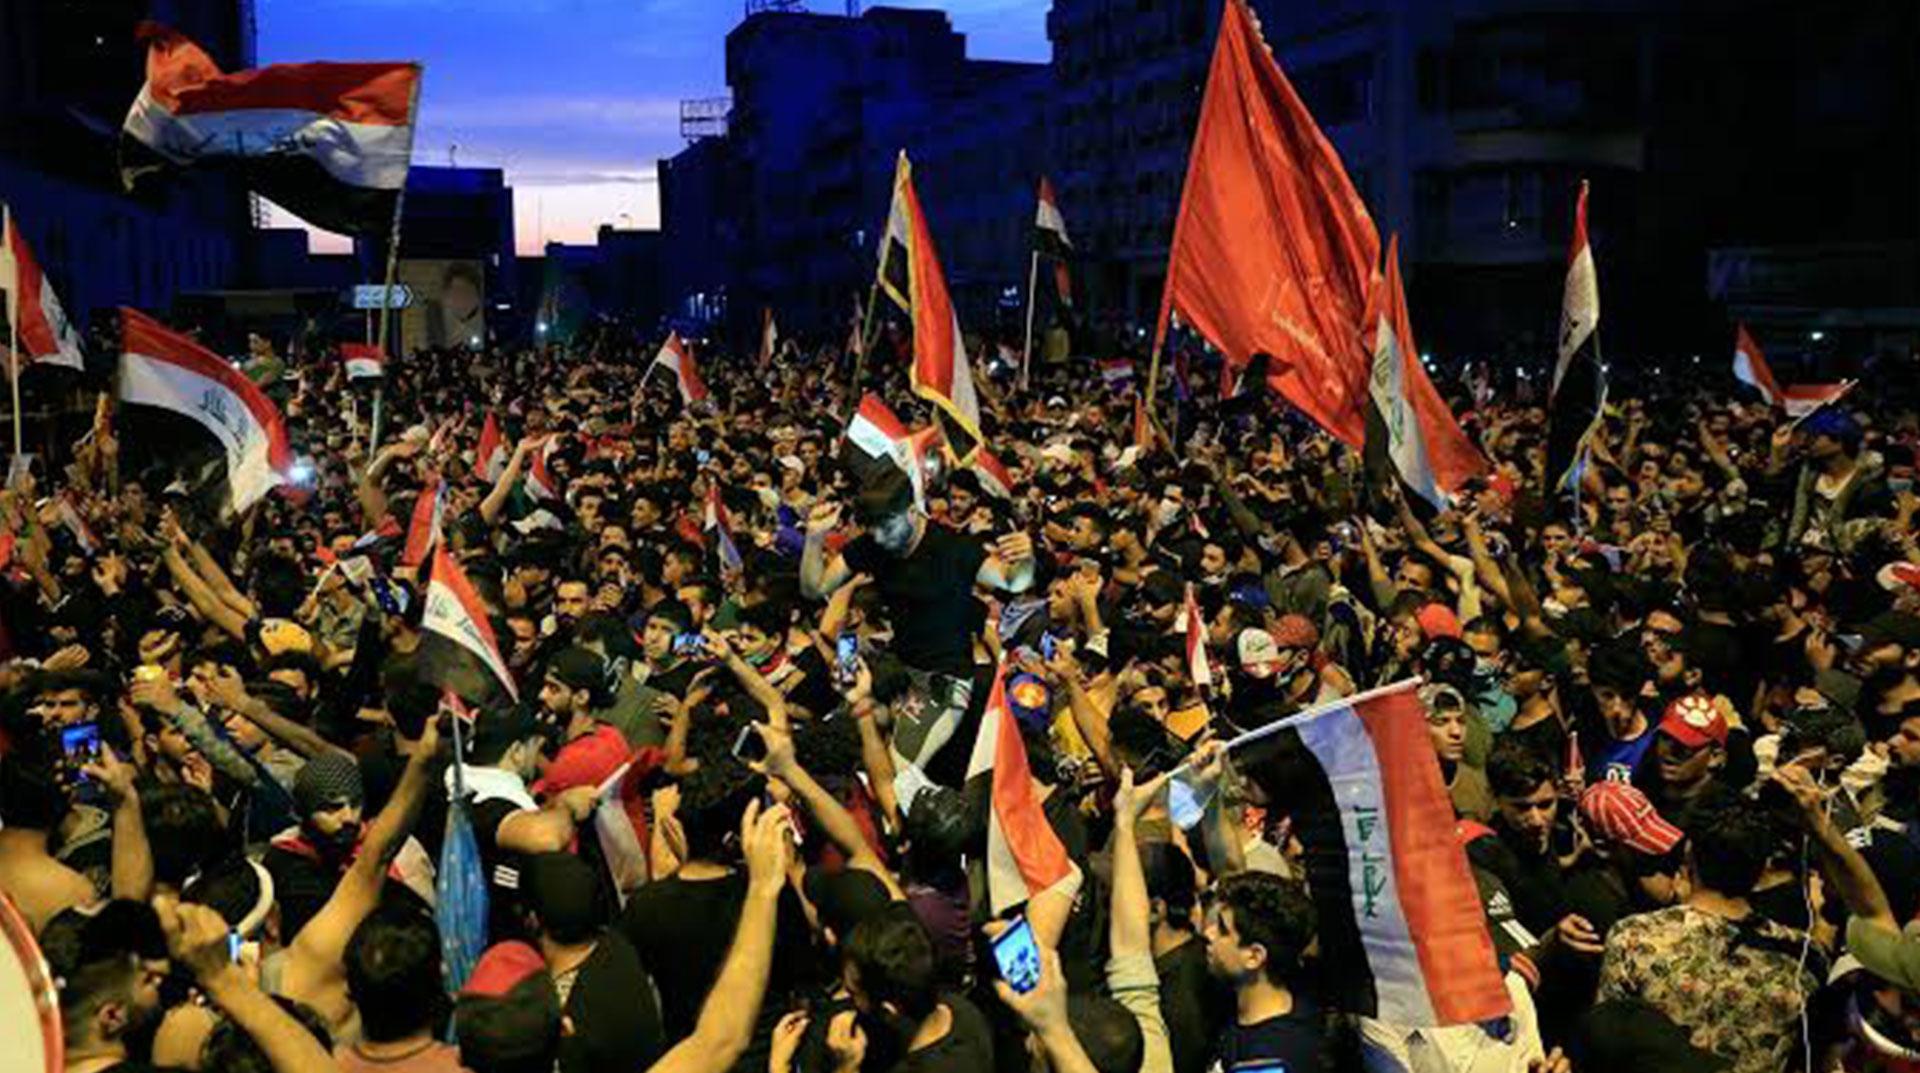 Irak'ta Protesto Bilançosu Ağırlaşıyor: Son 3 Günde 74 Kişi Öldü